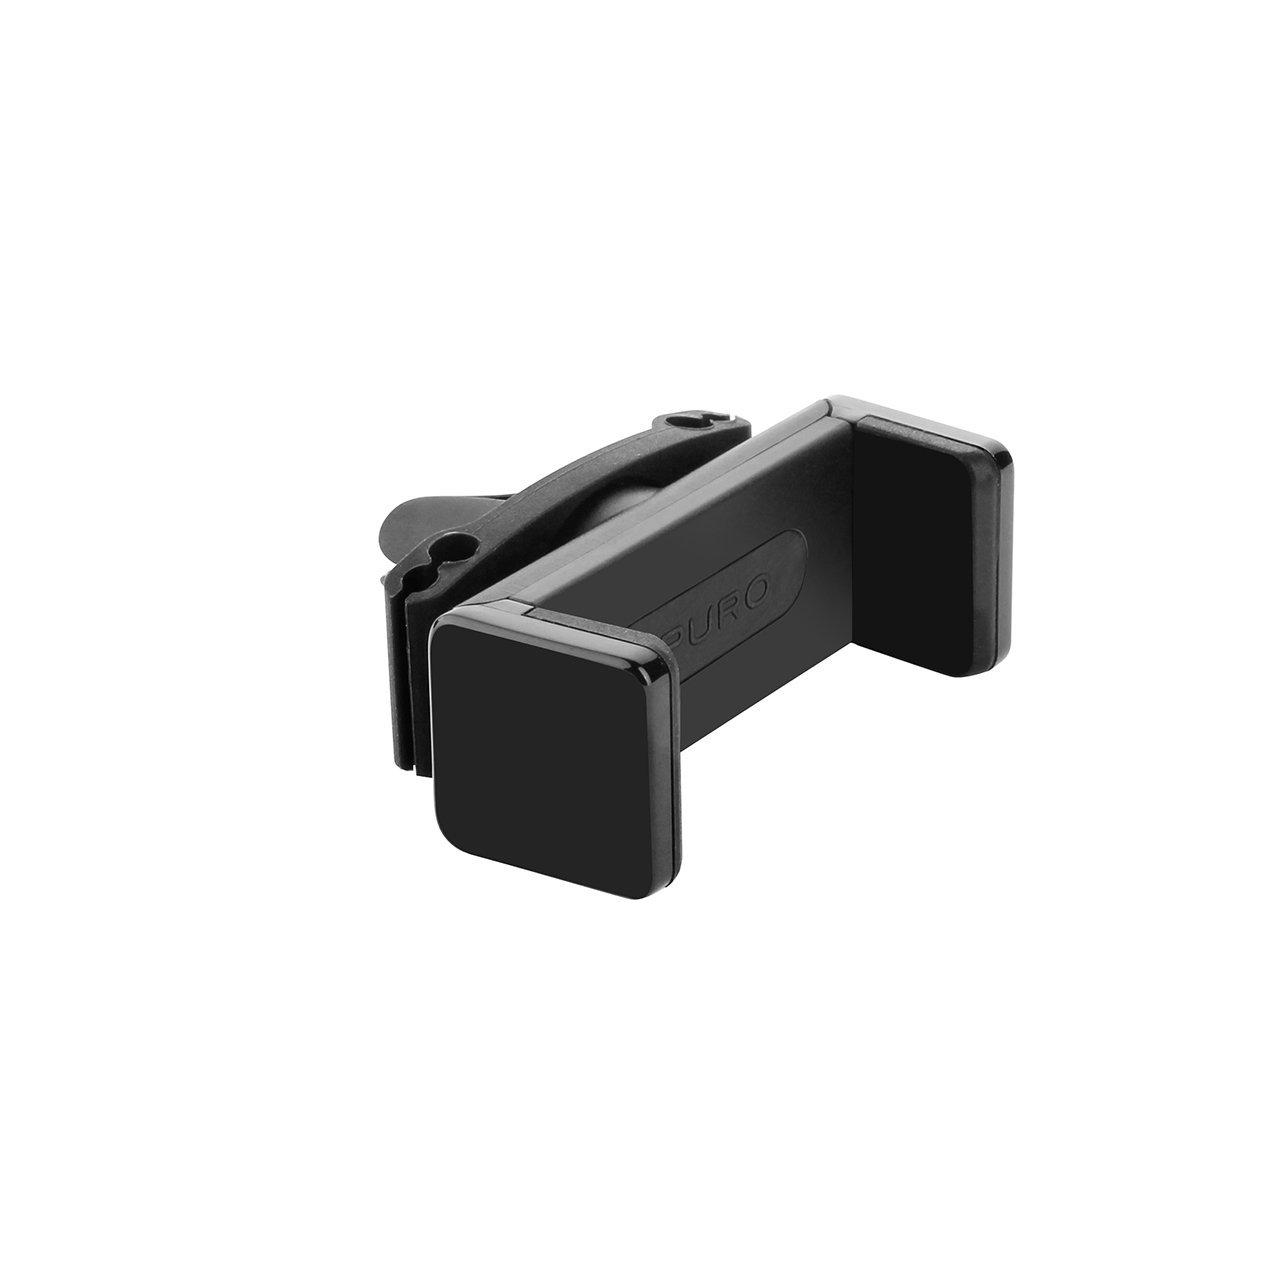 SH5-supporto-universale-da-auto-per-smartphone